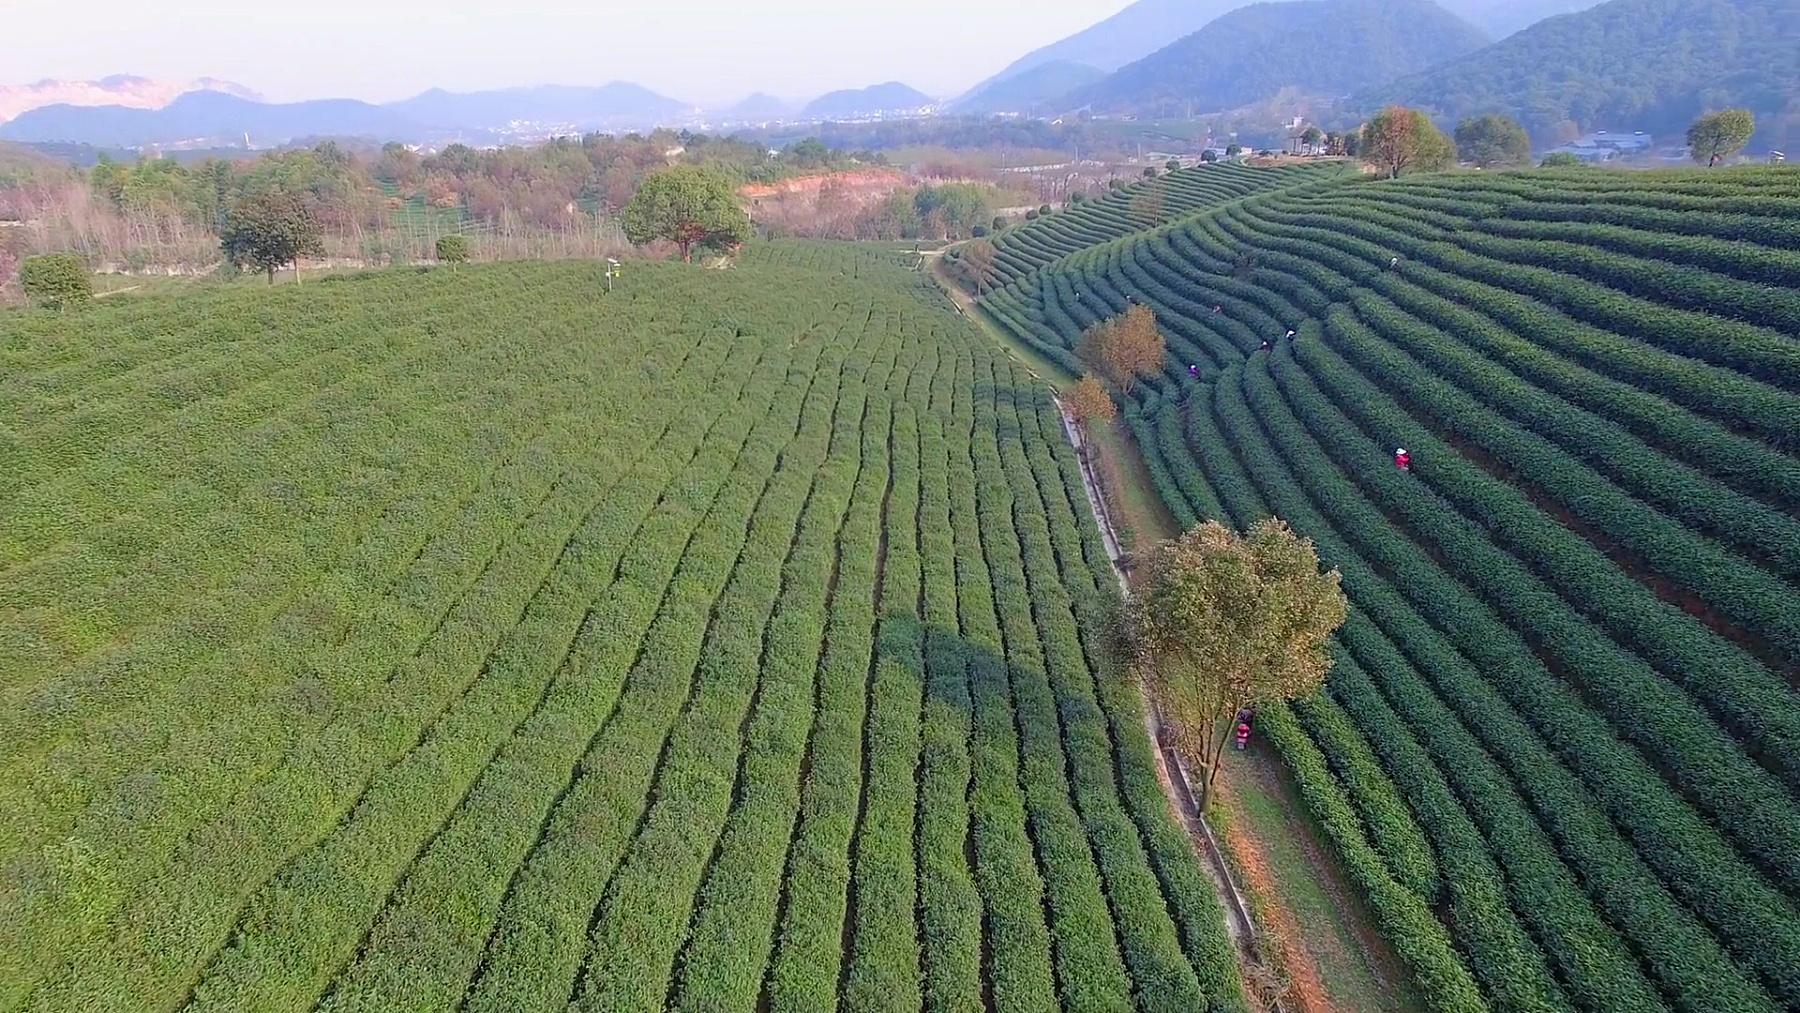 杭州龙井山茶园鸟瞰。